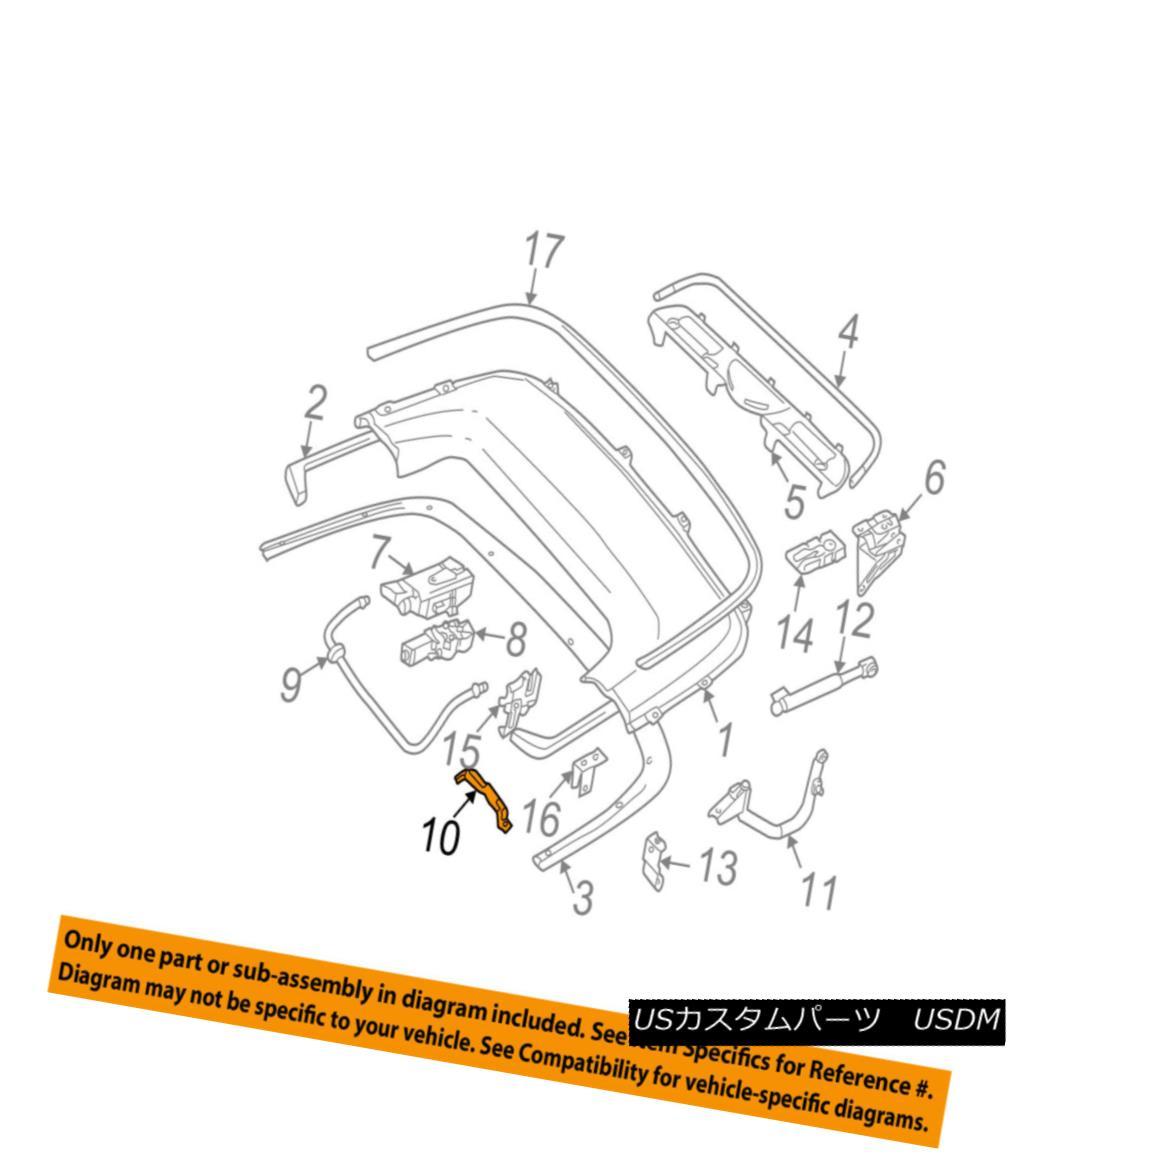 幌・ソフトトップ BMW OEM 325Ci Storage Cover-Convertible/soft Top-Top Cover Right 51178245856 BMW OEM 325Ciストレージカバーコンバーチブル/ソフトトップカバートップ51178245856